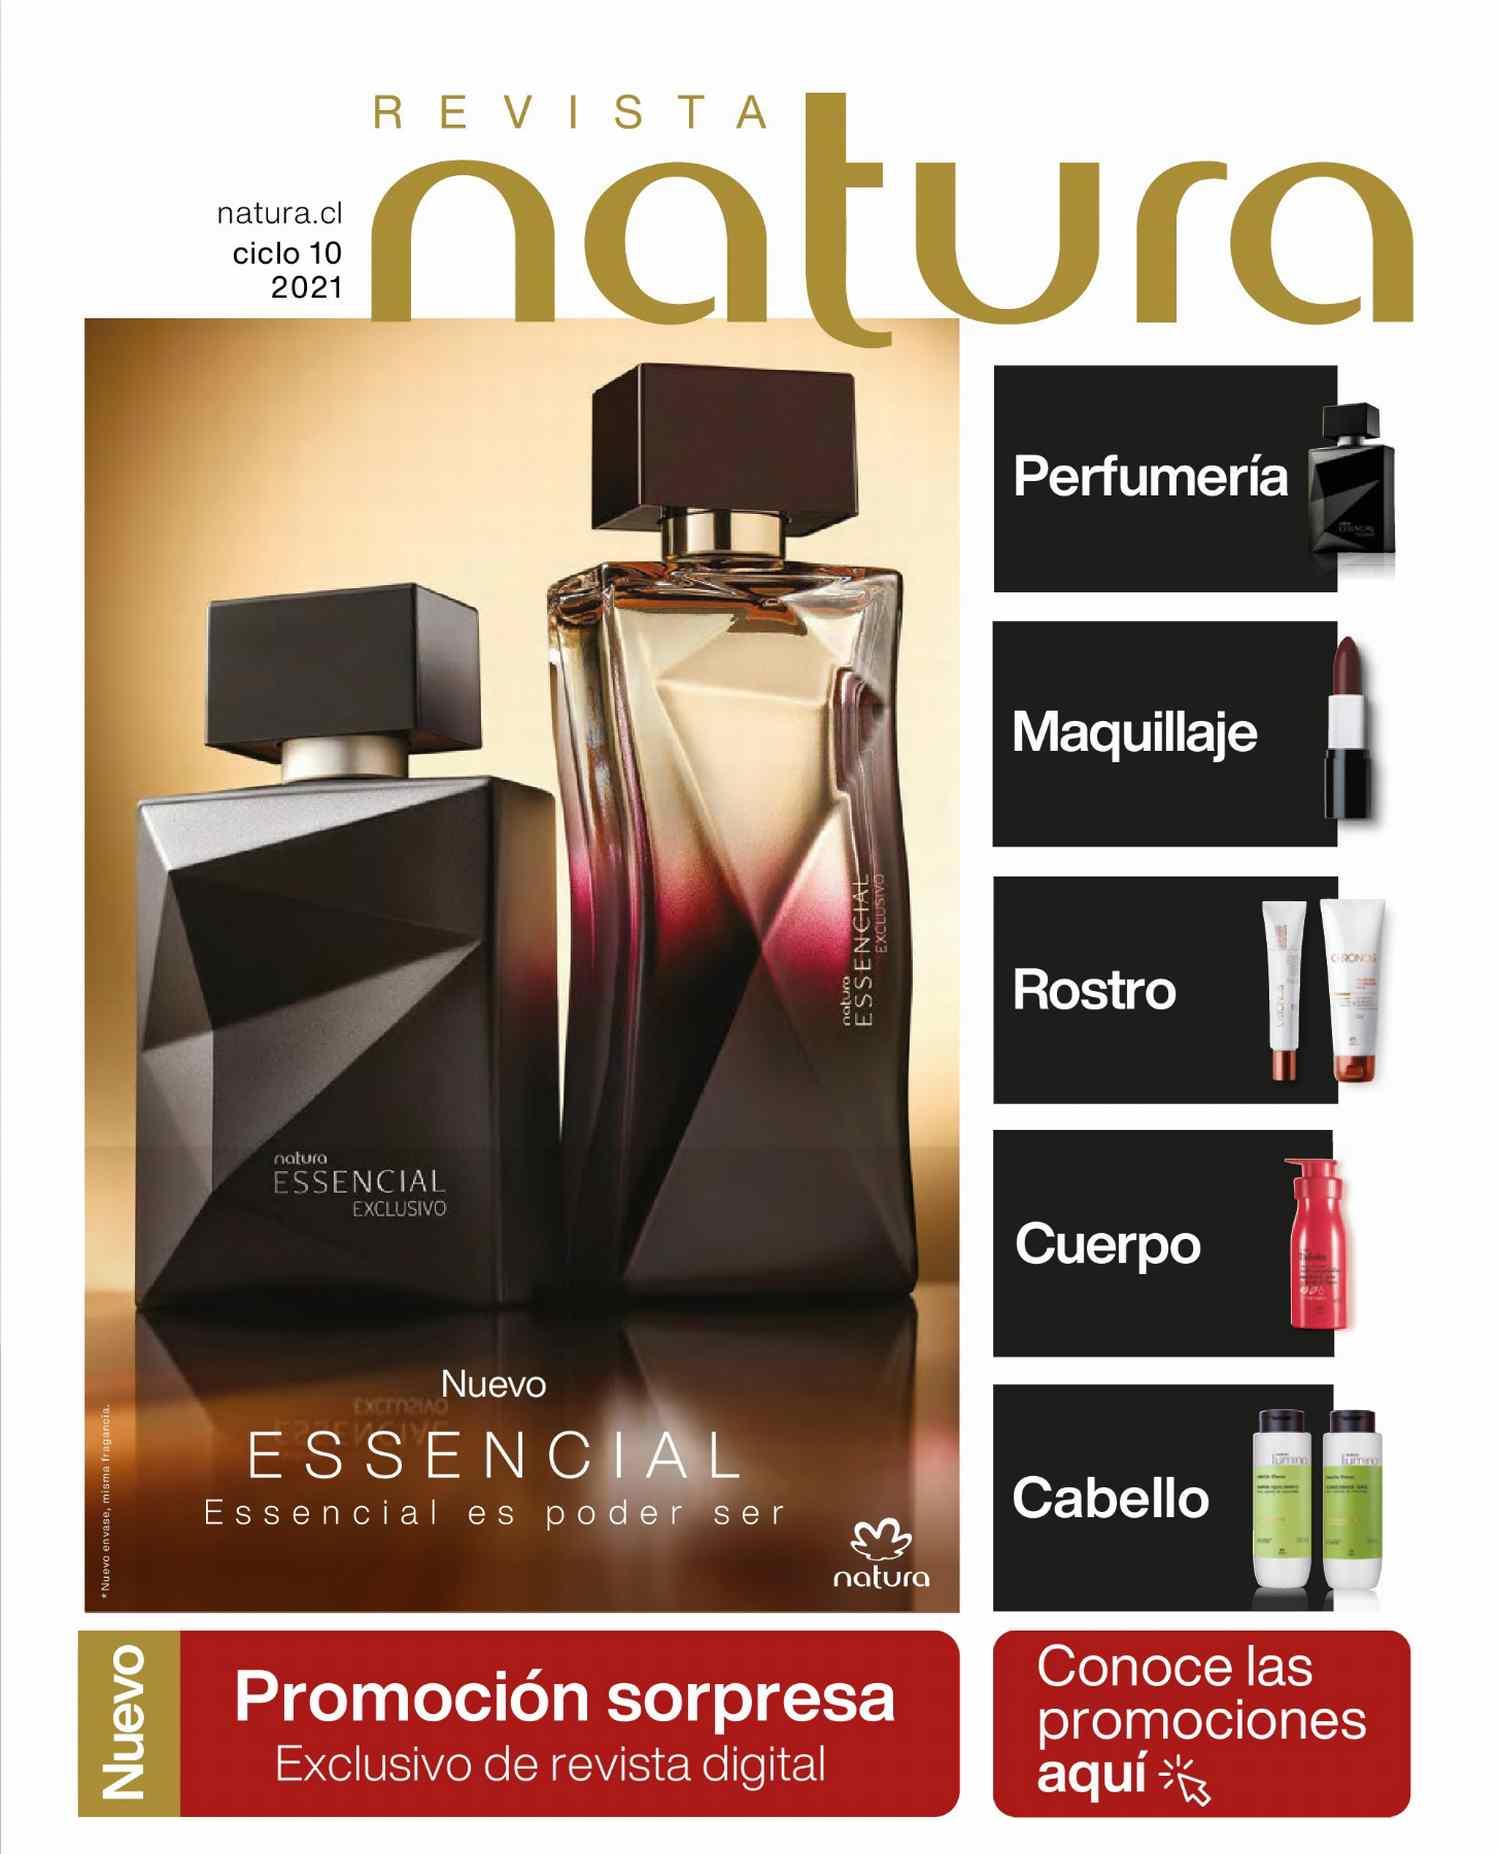 Catalogo Natura Ciclo 10 2021 Chile